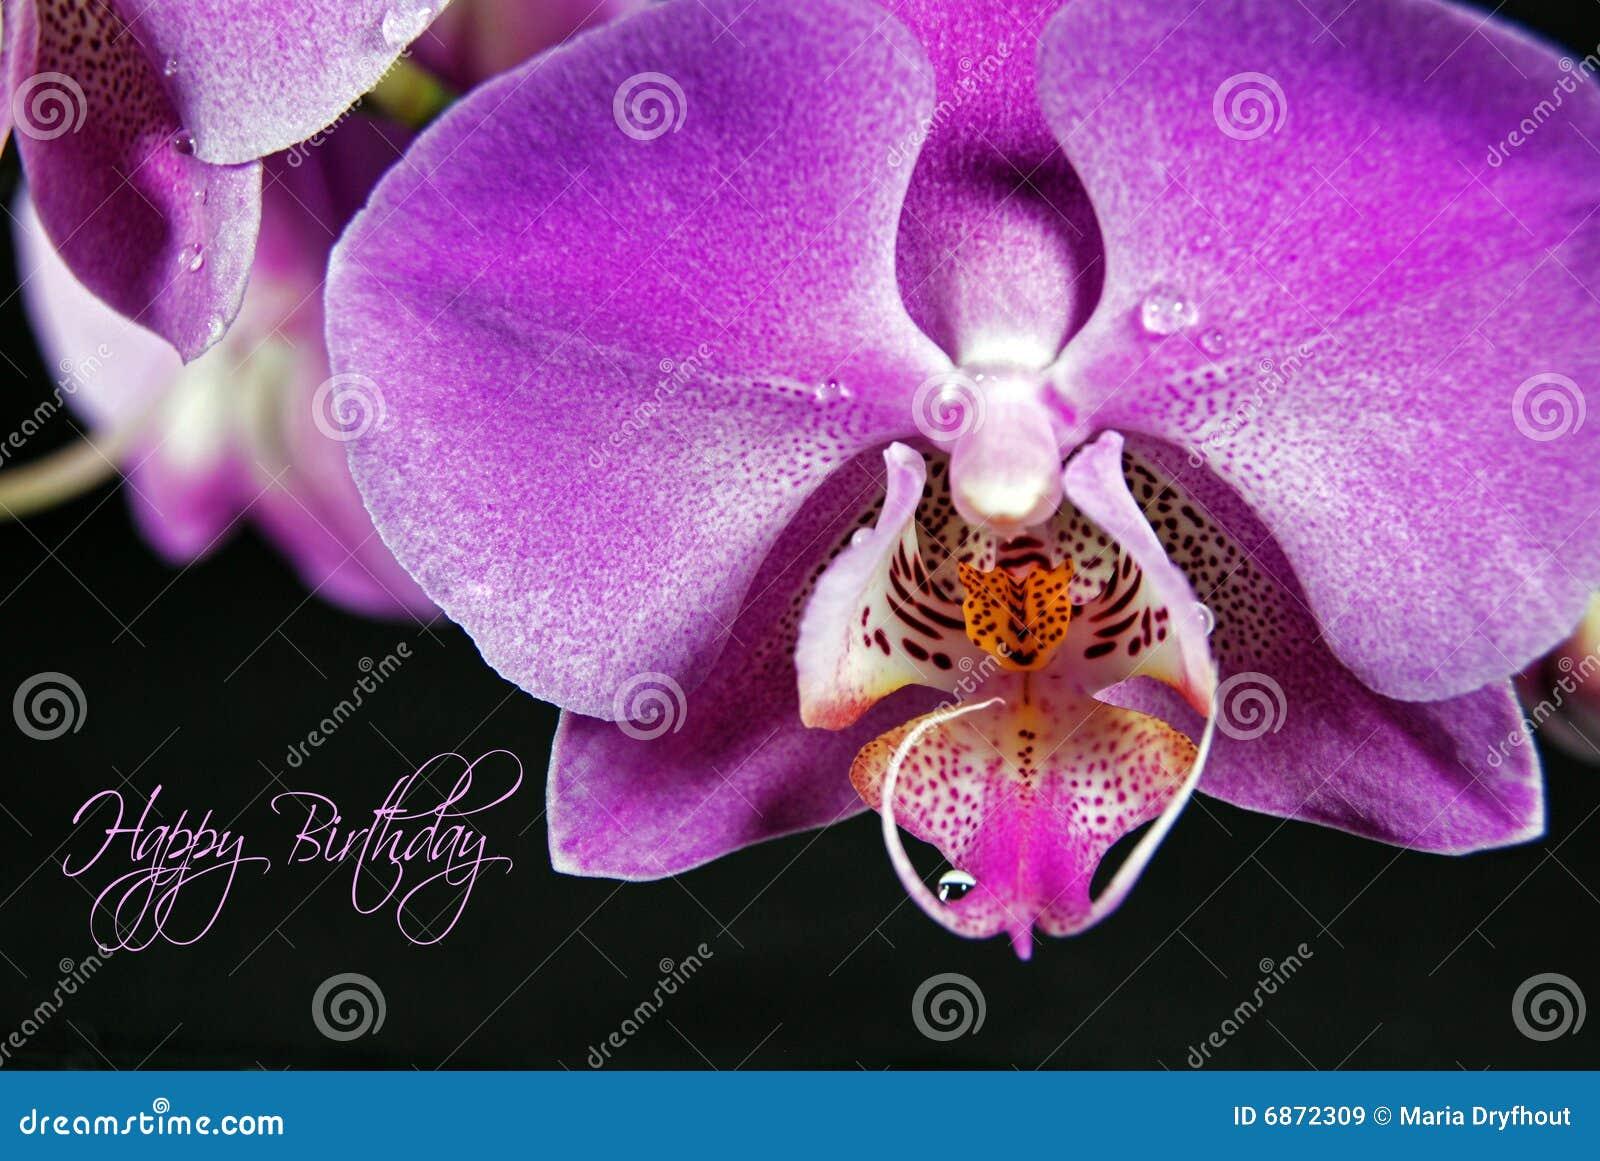 Orchidee D Anniversaire Image Stock Image Du Gouttelette 6872309